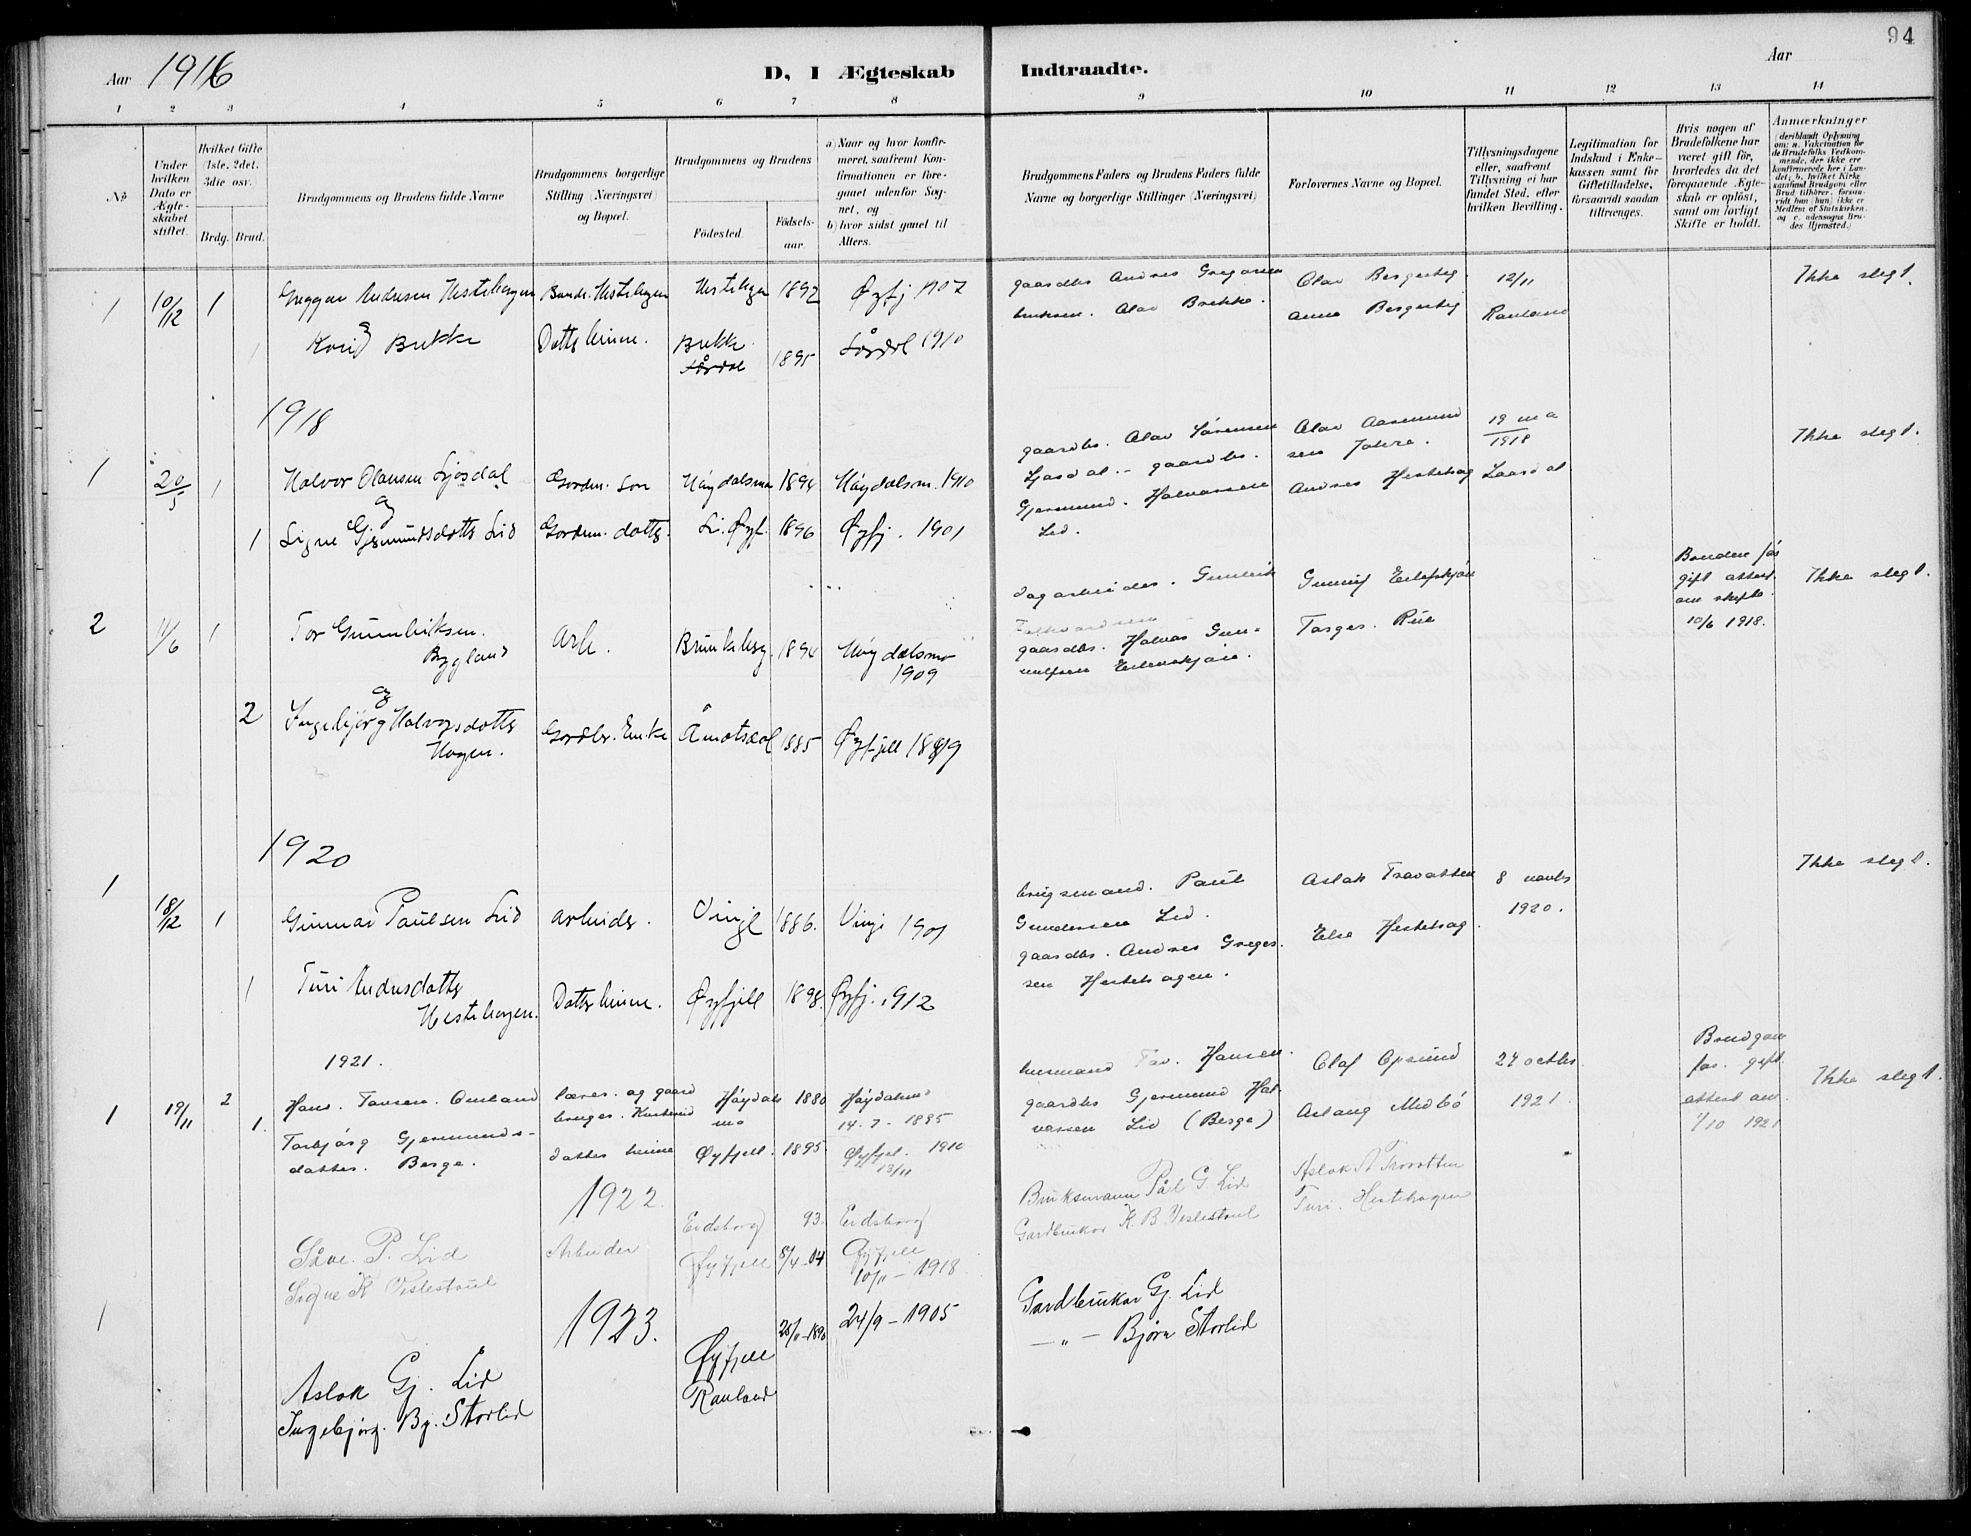 SAKO, Rauland kirkebøker, G/Gb/L0002: Klokkerbok nr. II 2, 1887-1937, s. 94